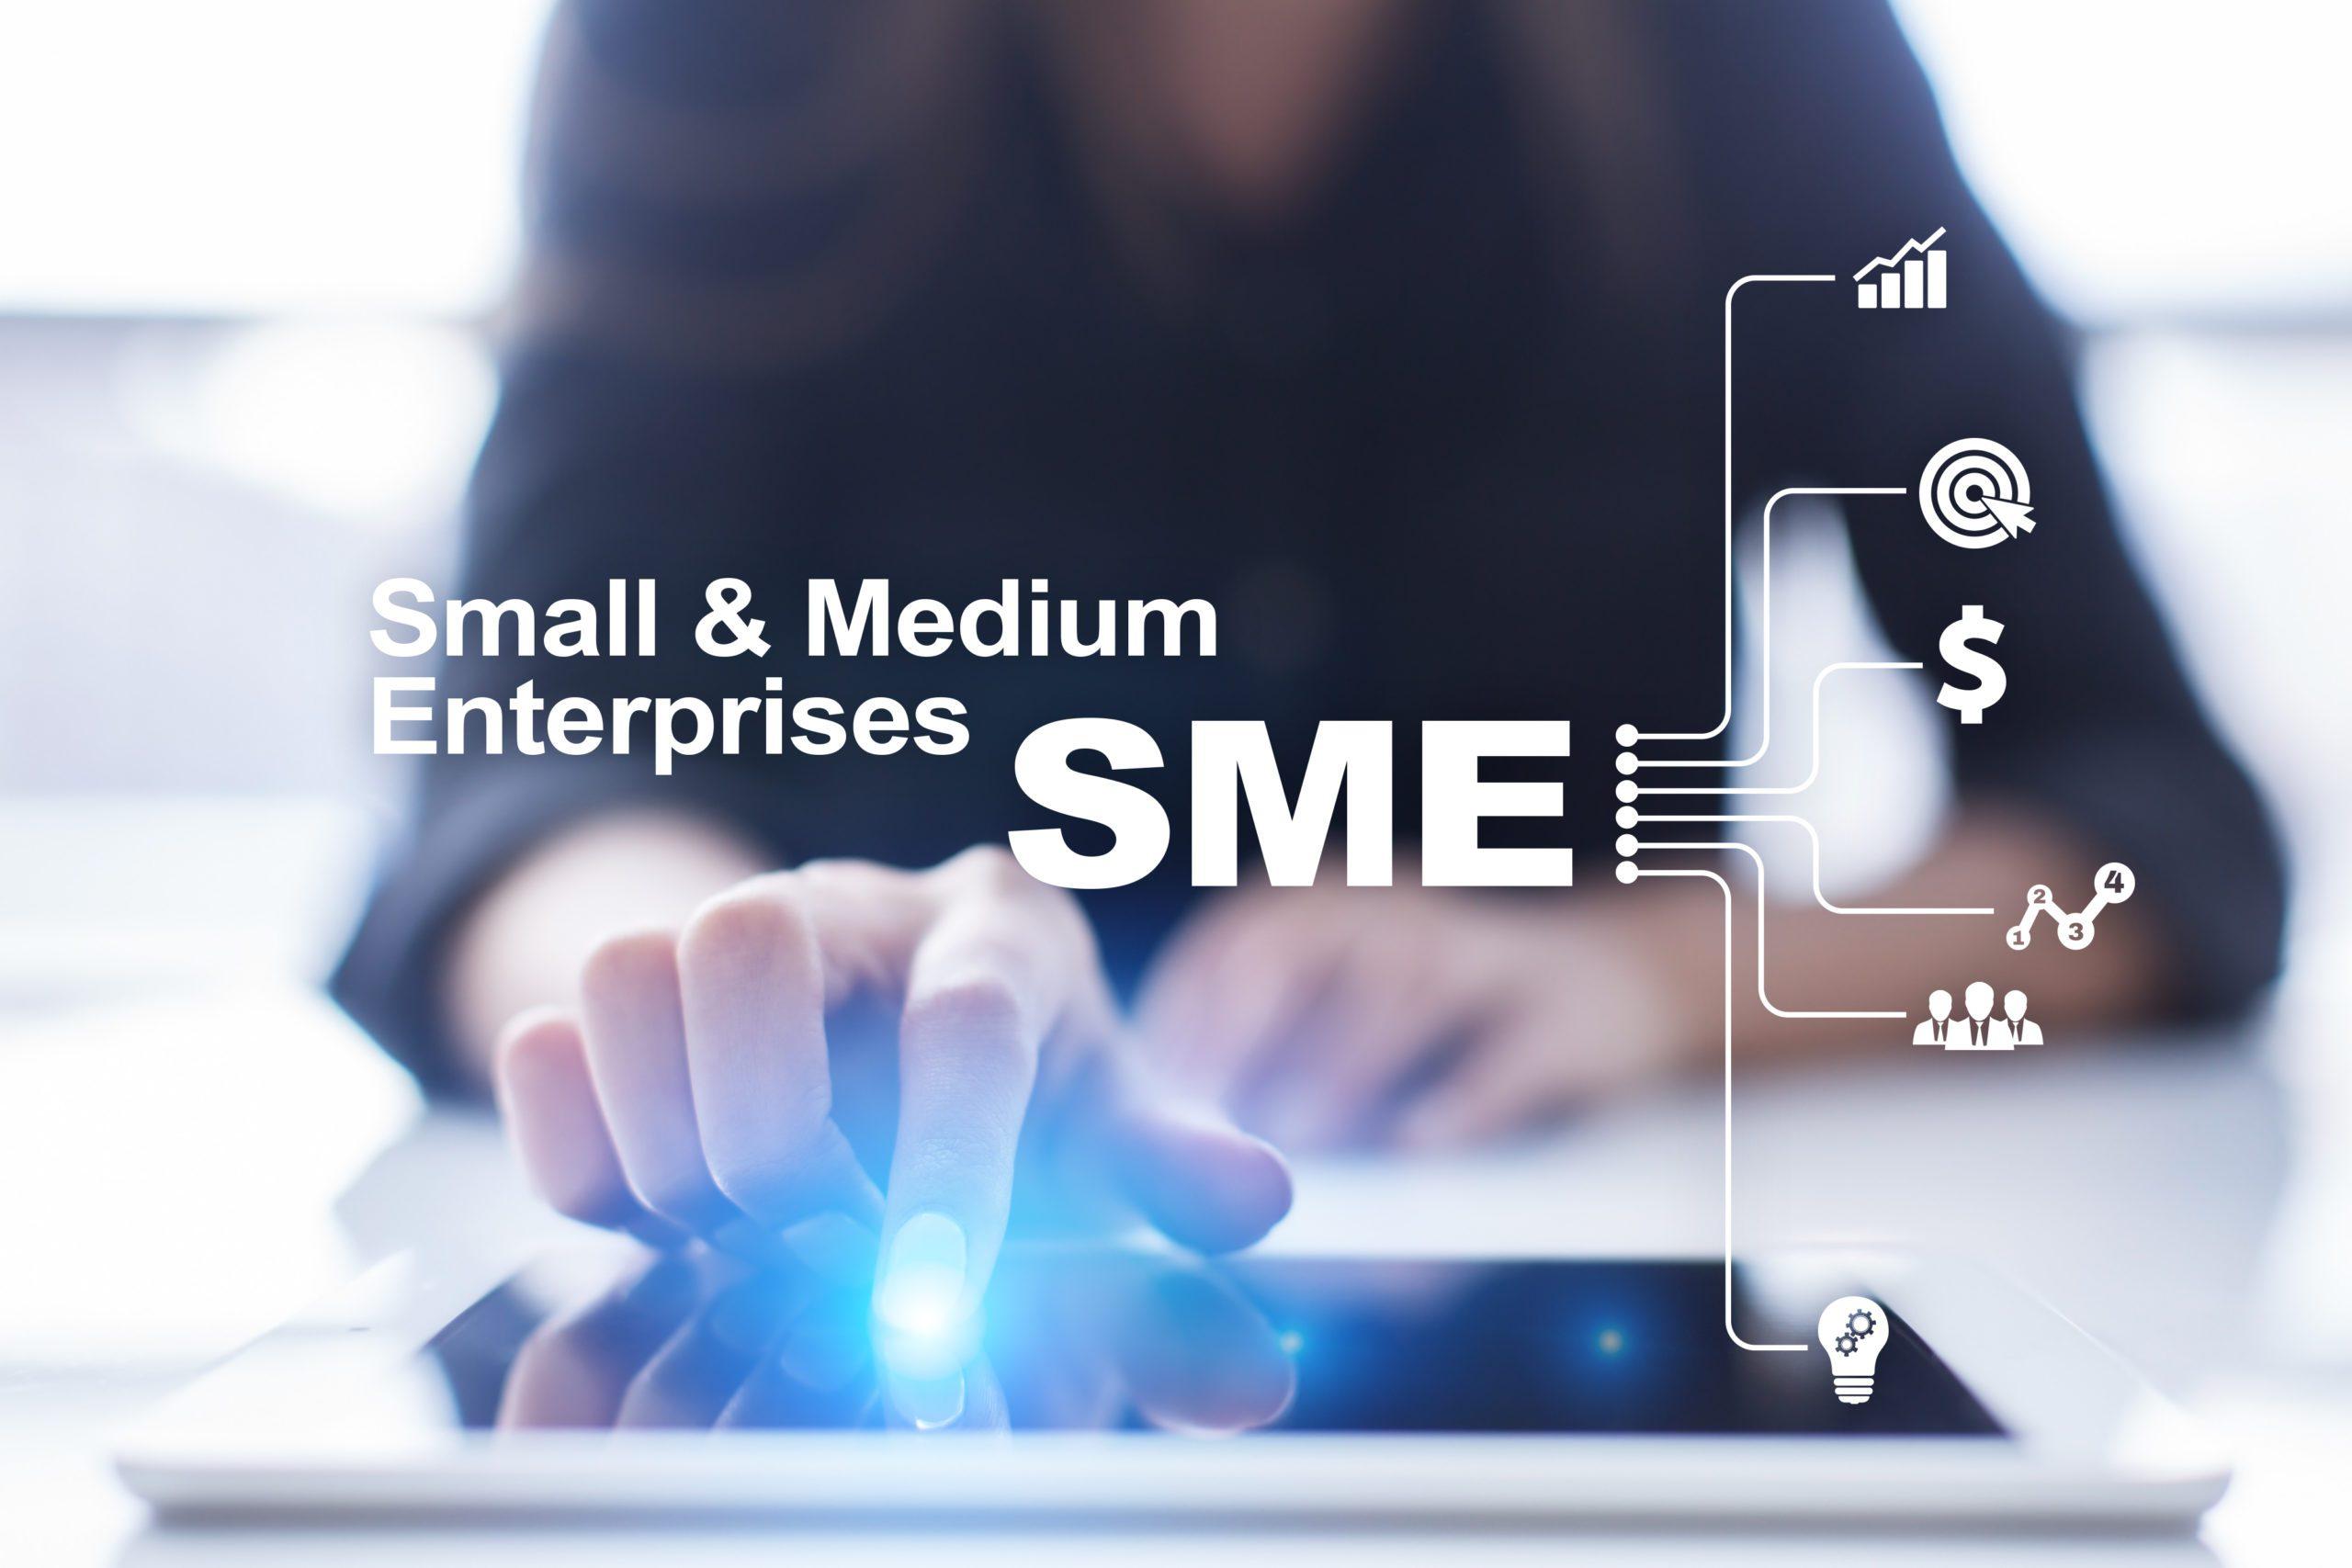 中小企業のデジタルマーケティングに必要な3つの要素